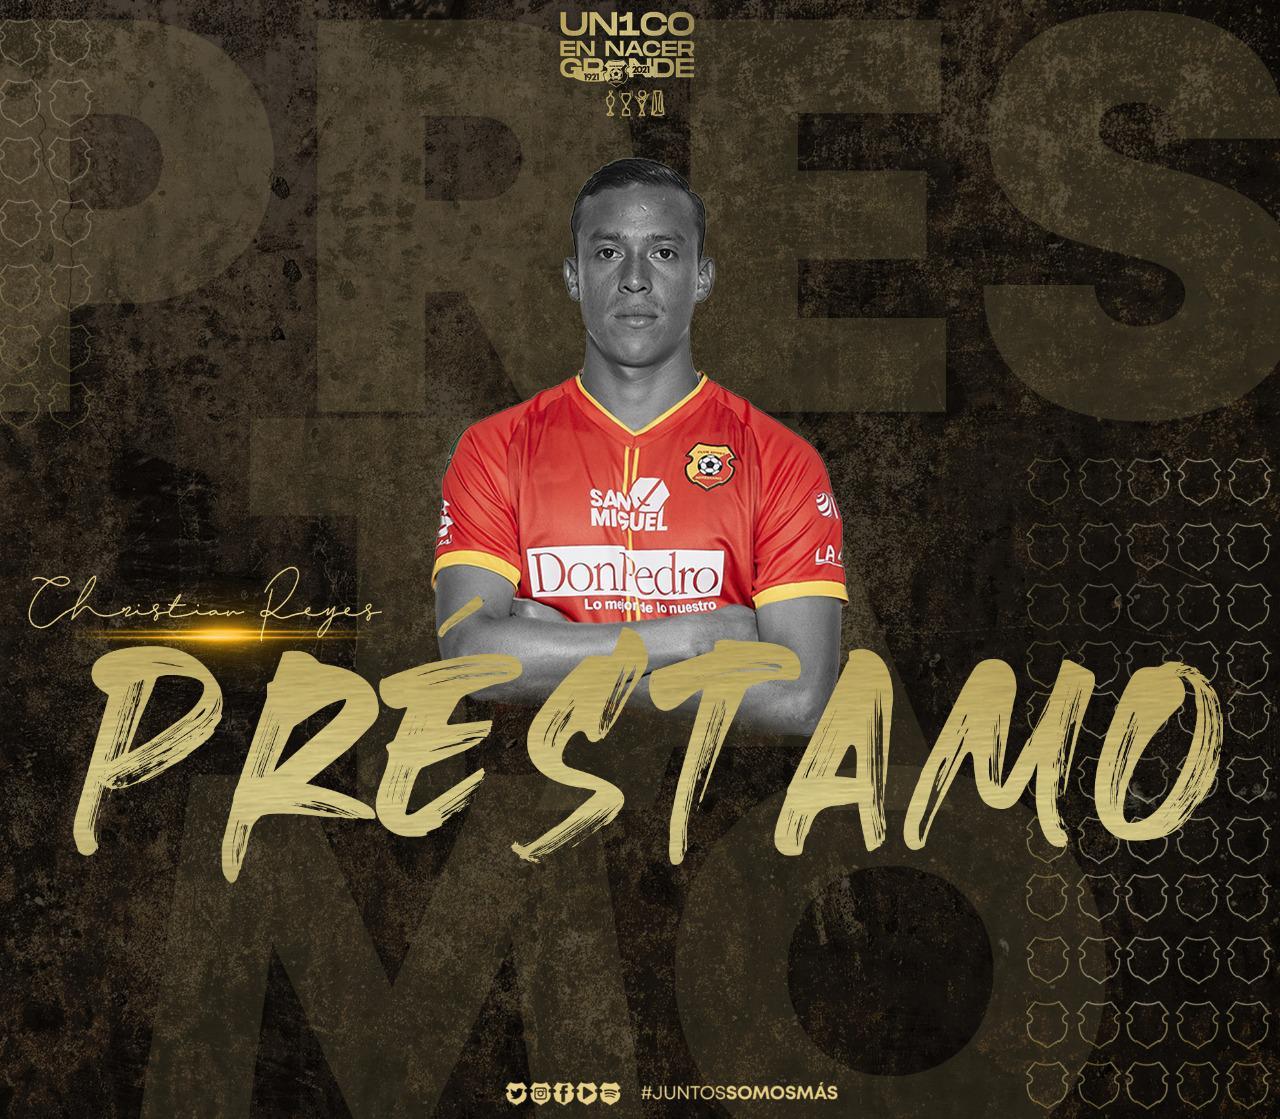 El florense Christian Reyes reforzará a Guanacasteca durante la temporada 2021-2022.